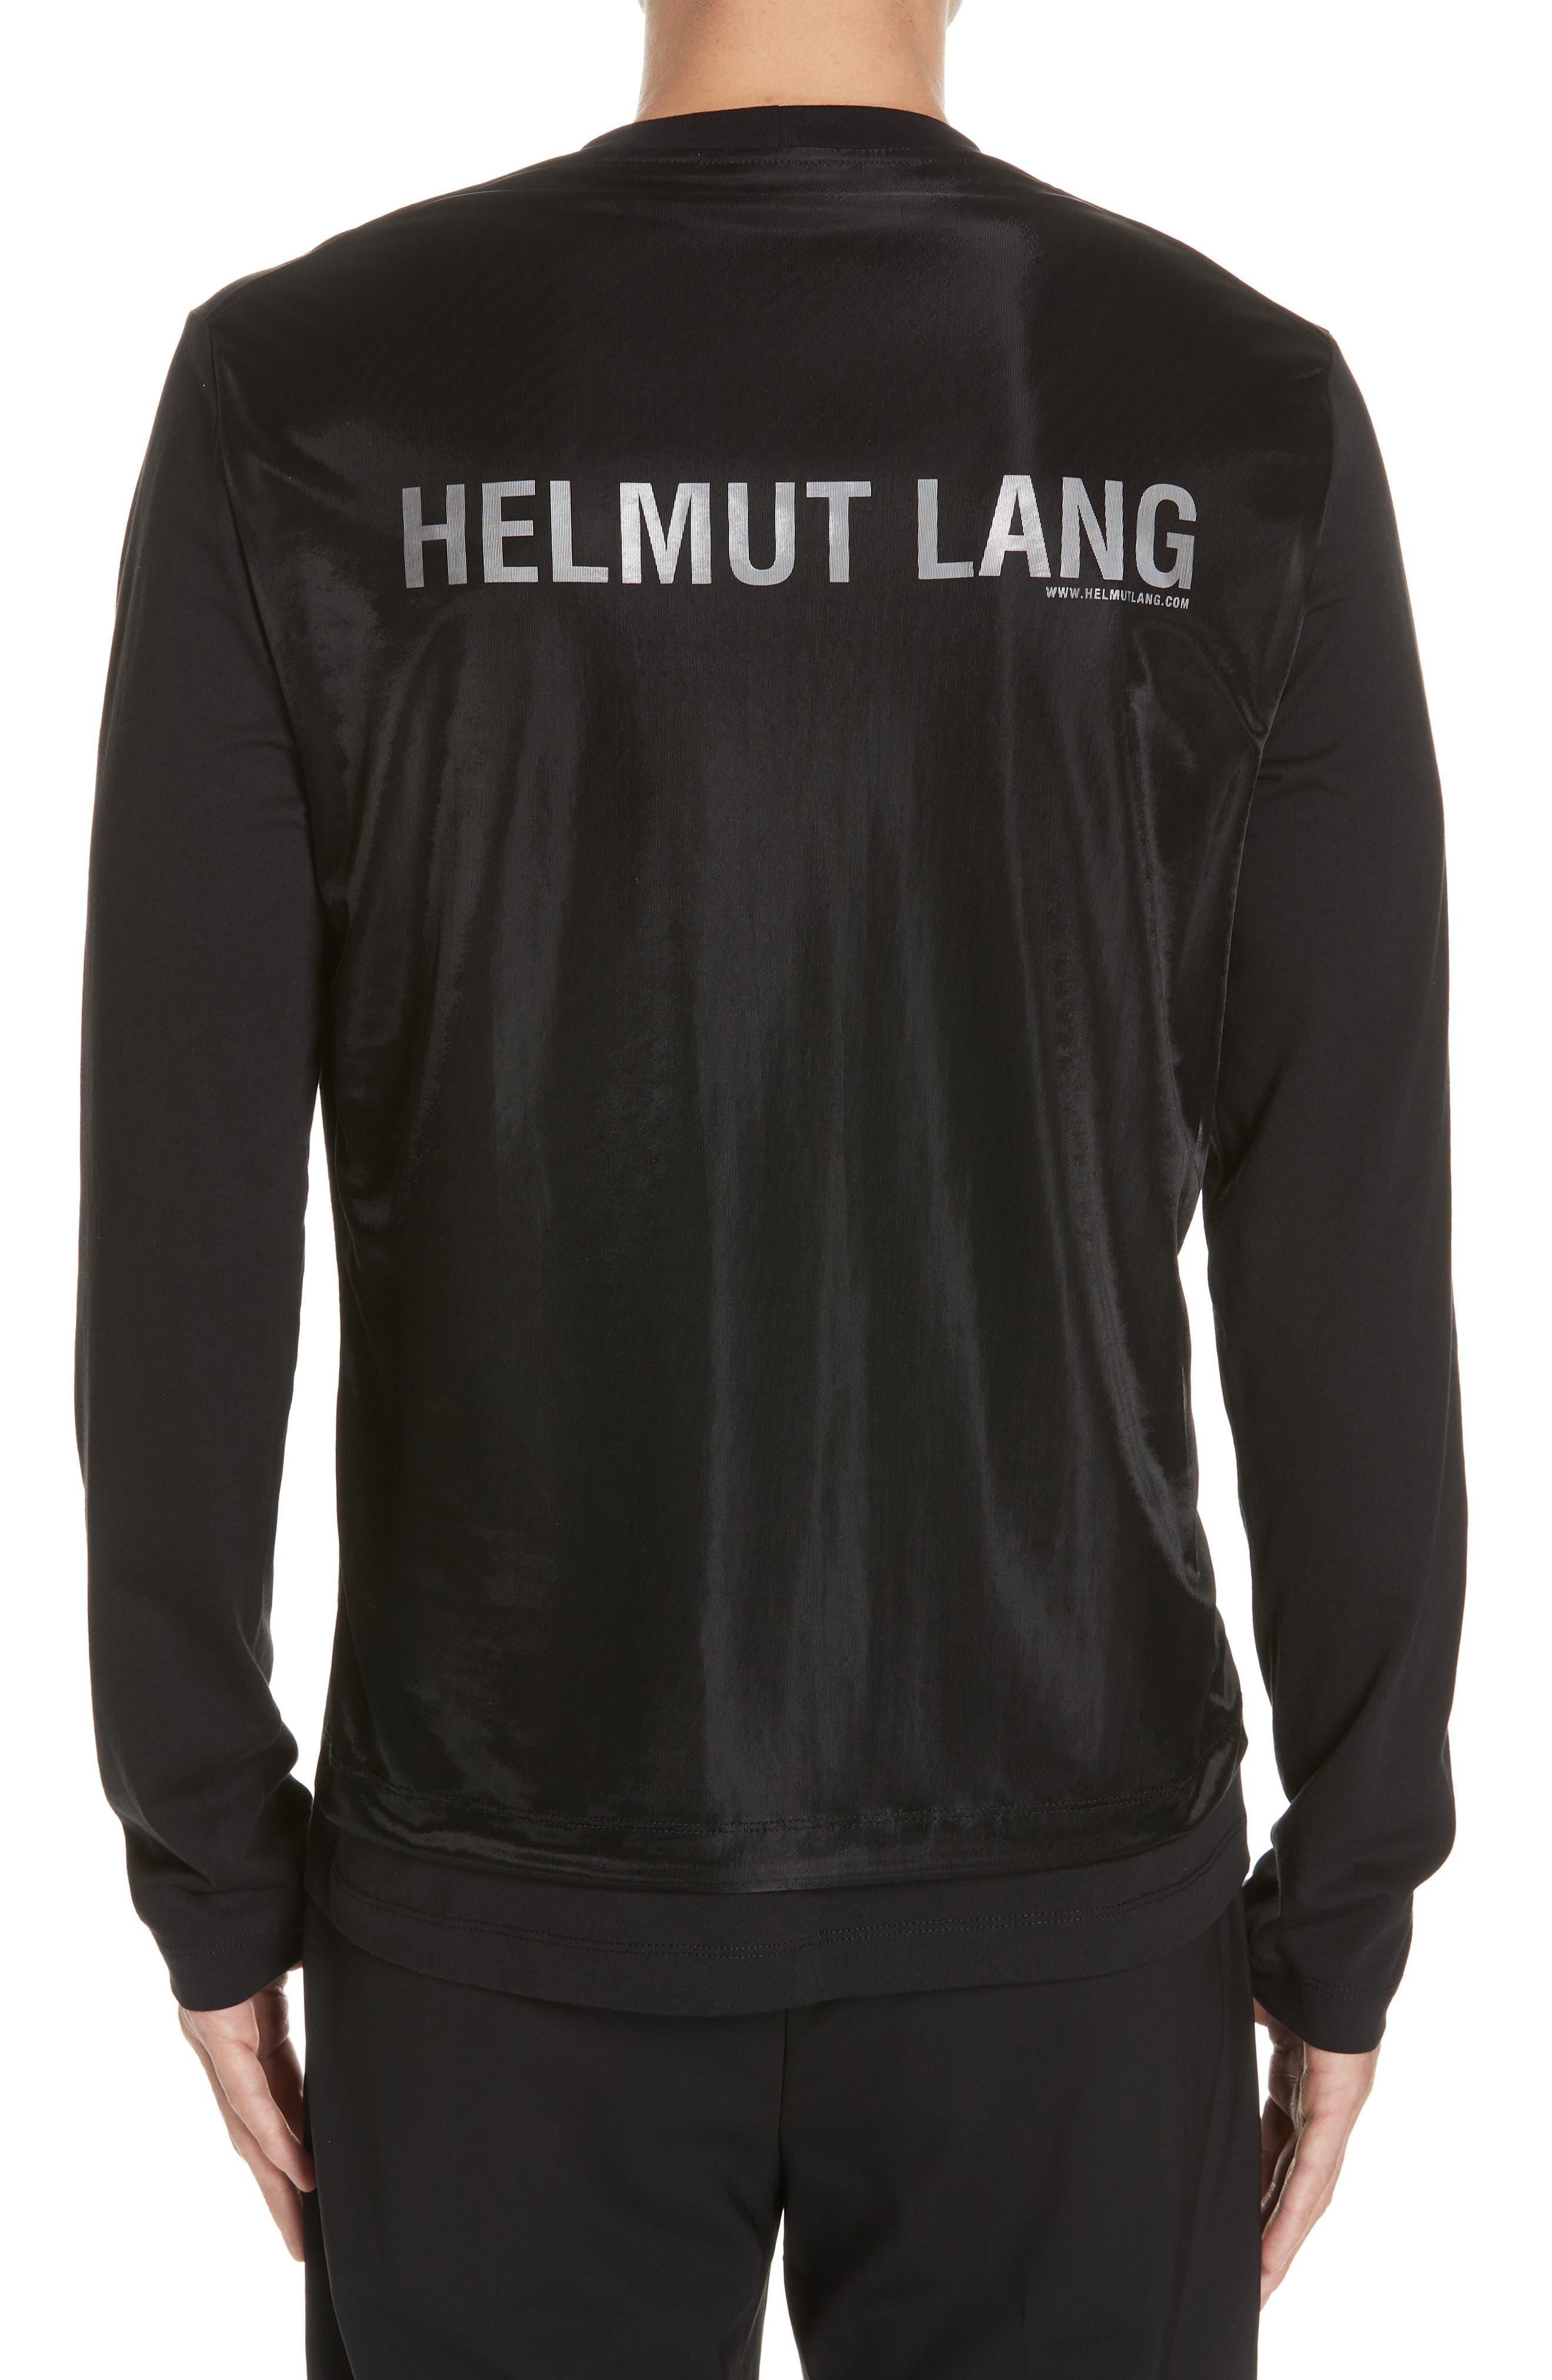 HELMUT LANG, Overlay Long Sleeve T-Shirt, Alternate thumbnail 2, color, BLACK